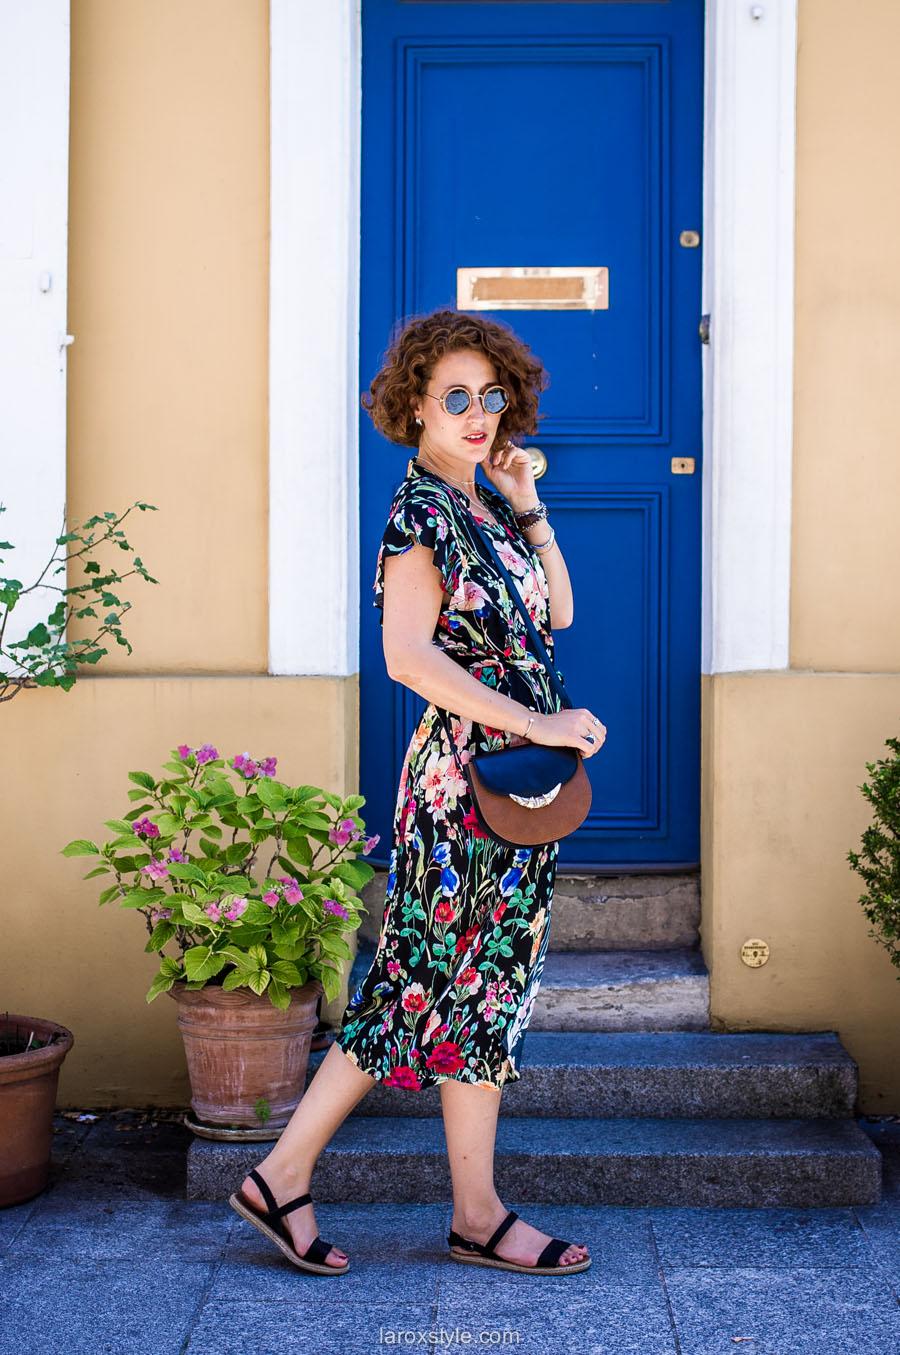 Paris - rue cremieux - robe longue fleurie - laroxstyle - blog mode lyon-8